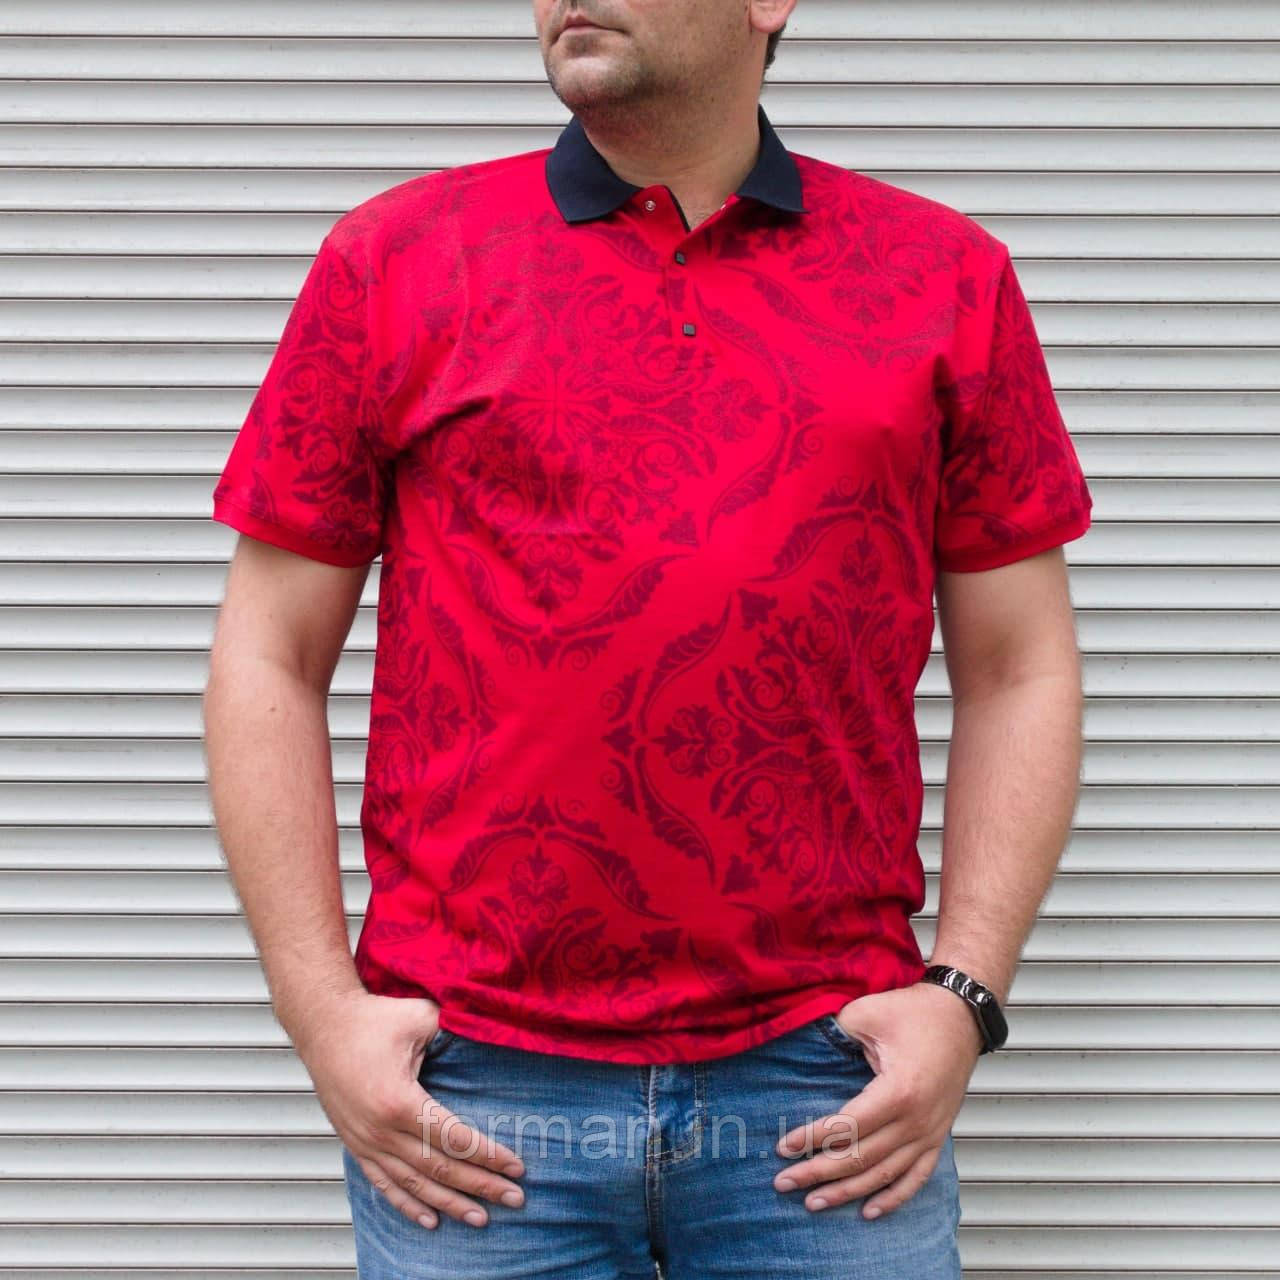 Червоне поло чоловіча великого розміру з орнаментом | Туреччина | БАТАЛ | бавовна + поліестер